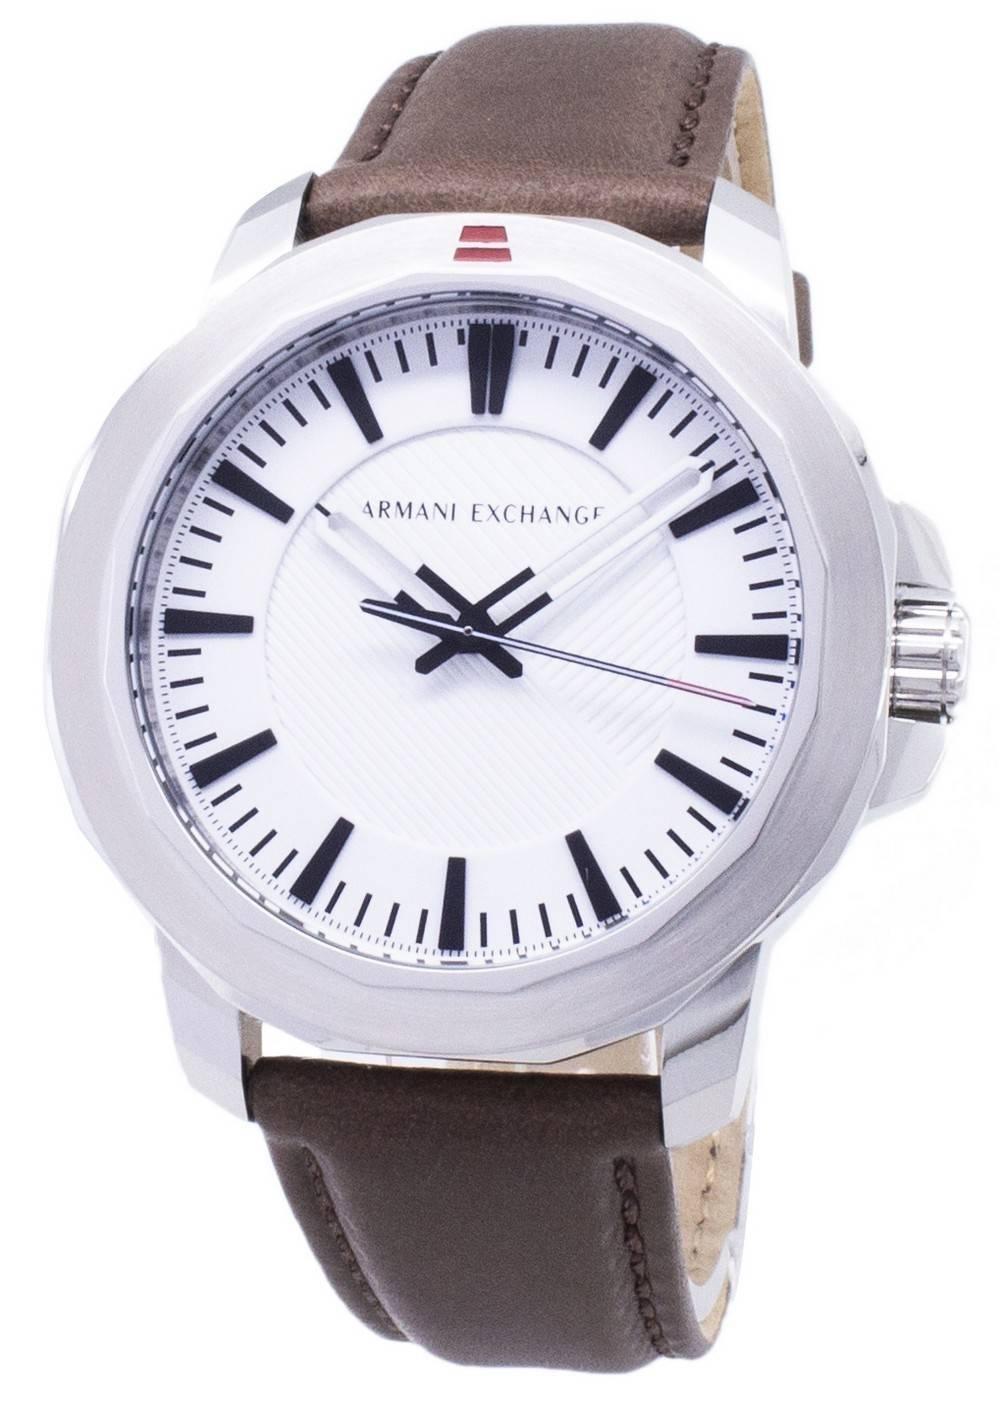 Detalles de Reloj de hombre Armani Exchange Quartz AX1903